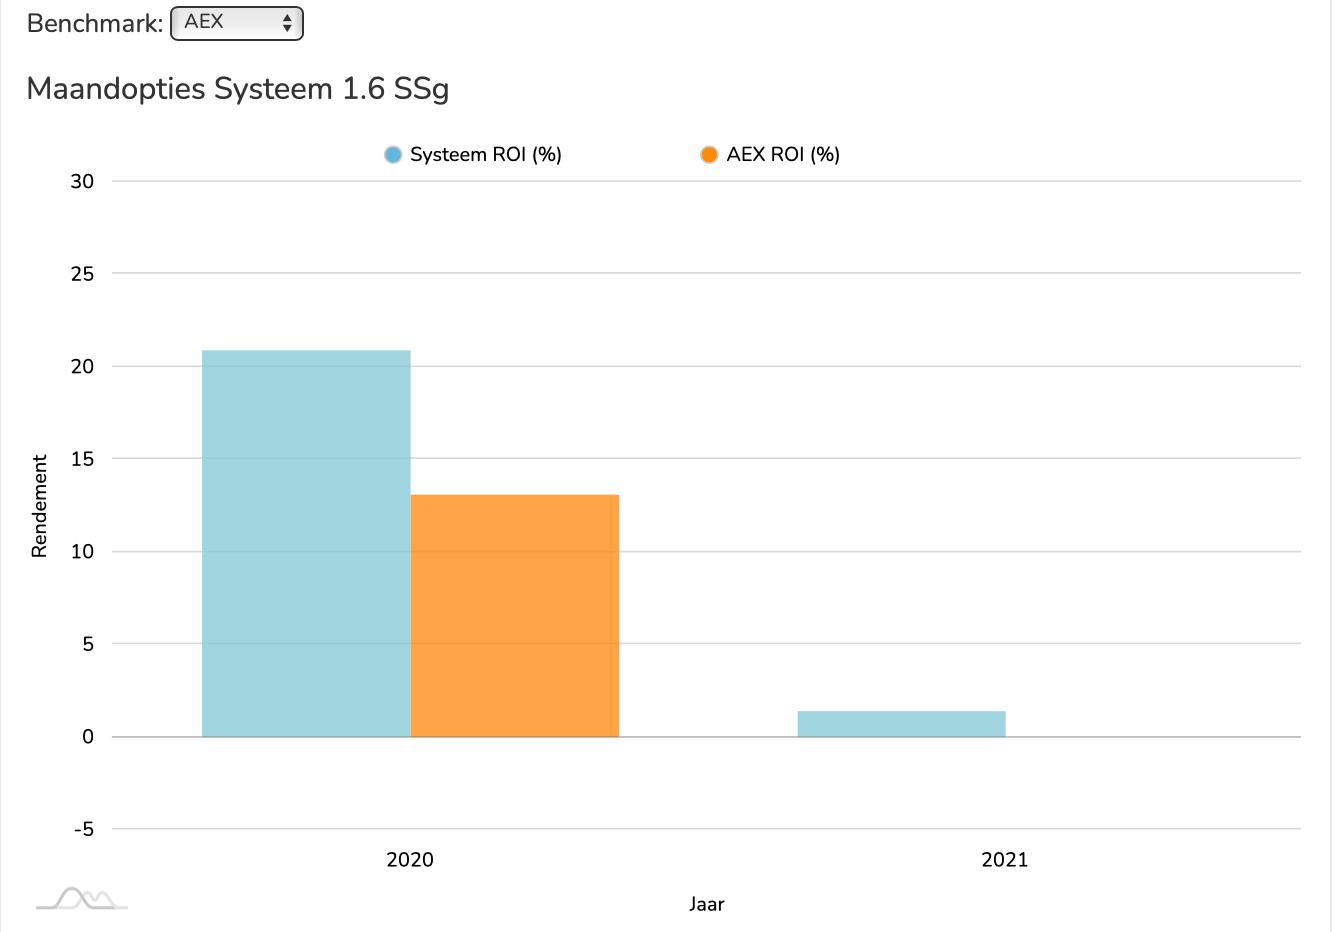 MOS 1.6. SSg ROI vs AEX